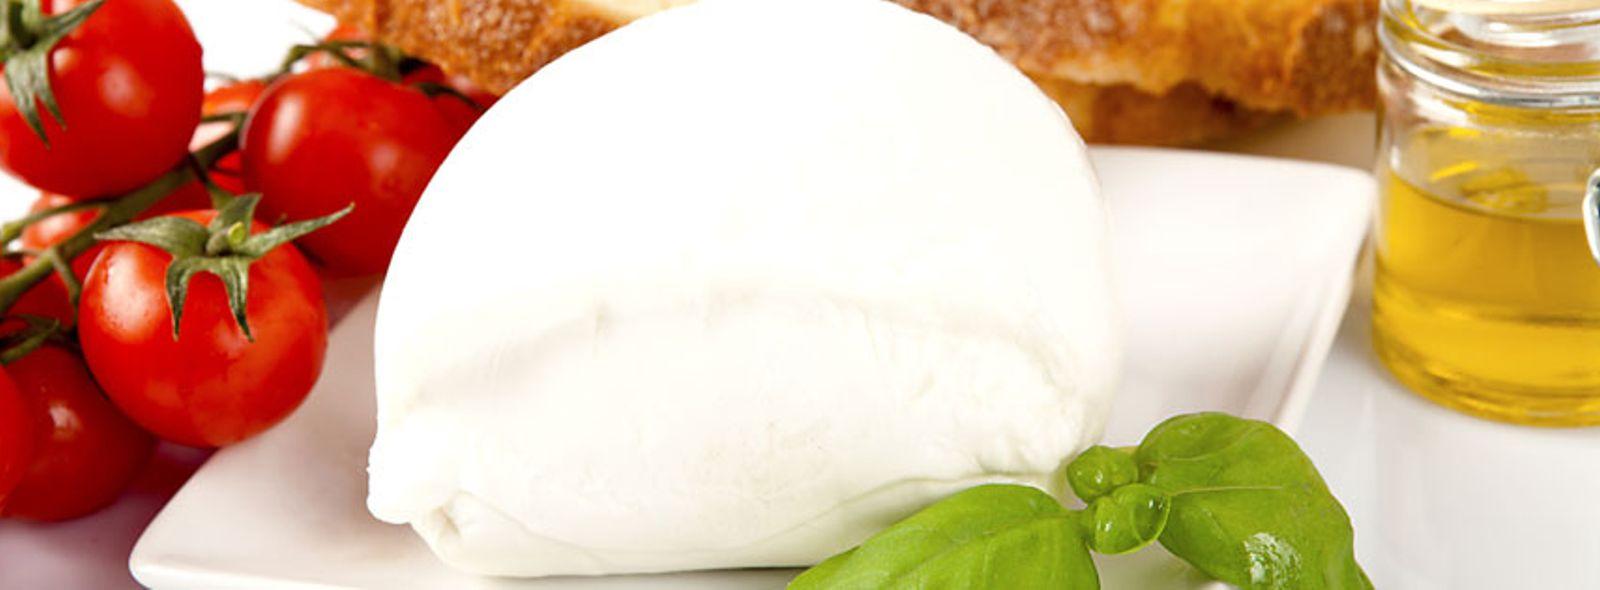 Comprare e mangiare mozzarella di bufala a Milano